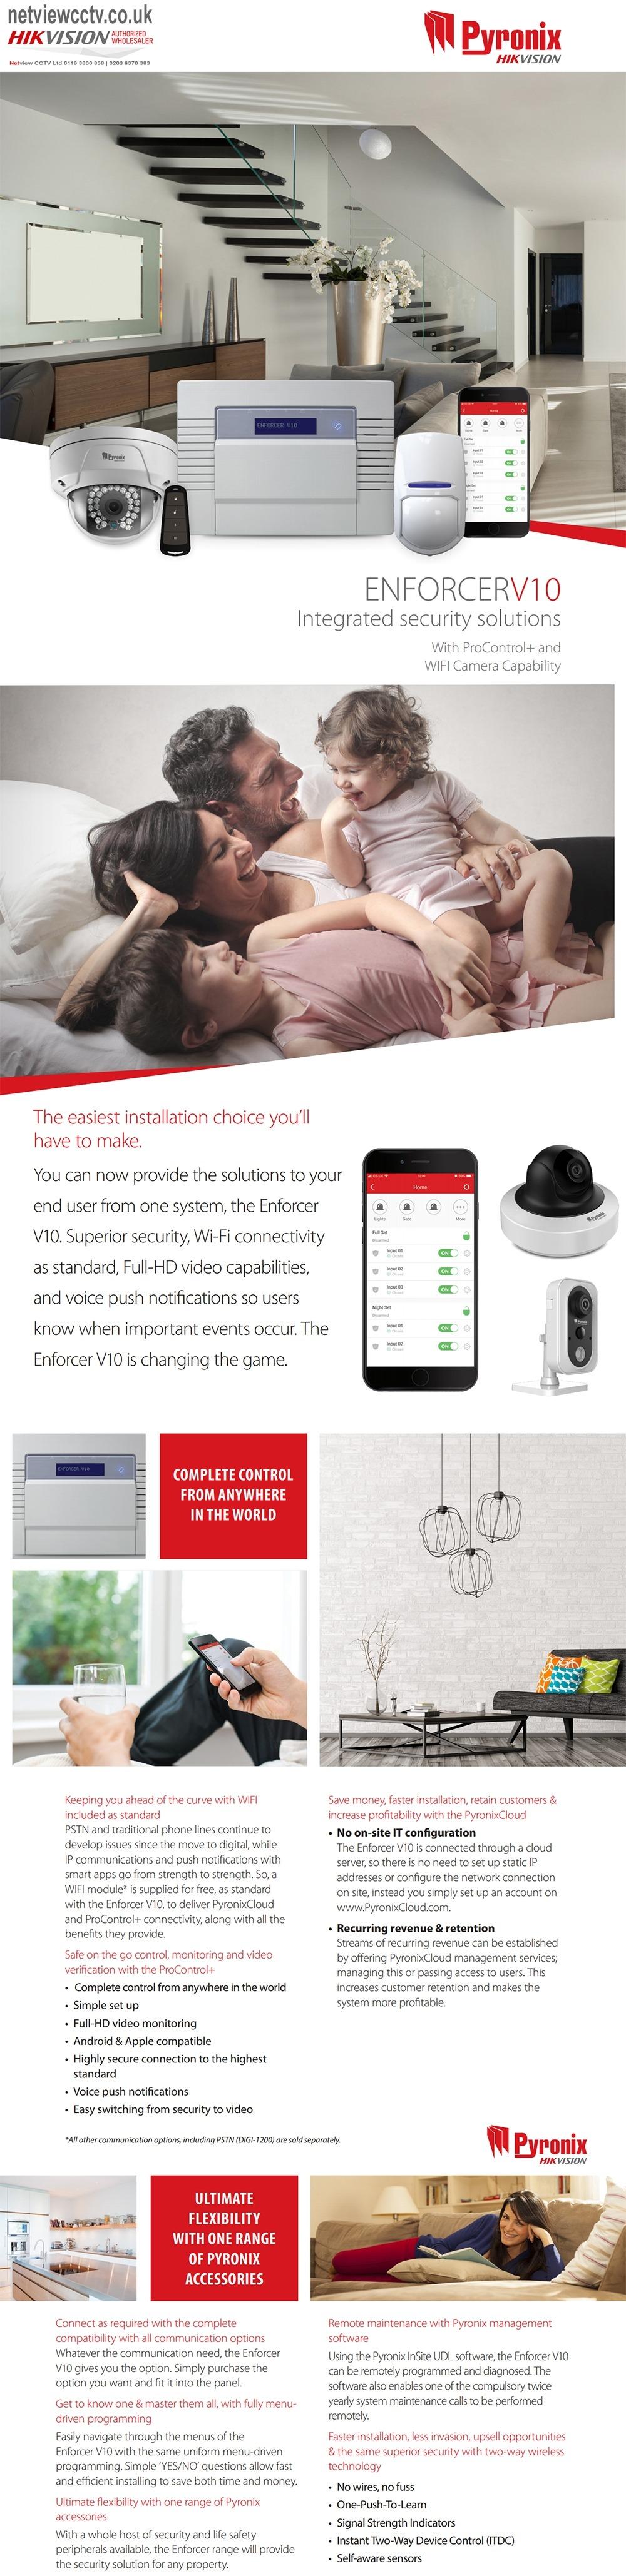 Pyronix Enforcer Wireless Solutions Brochure